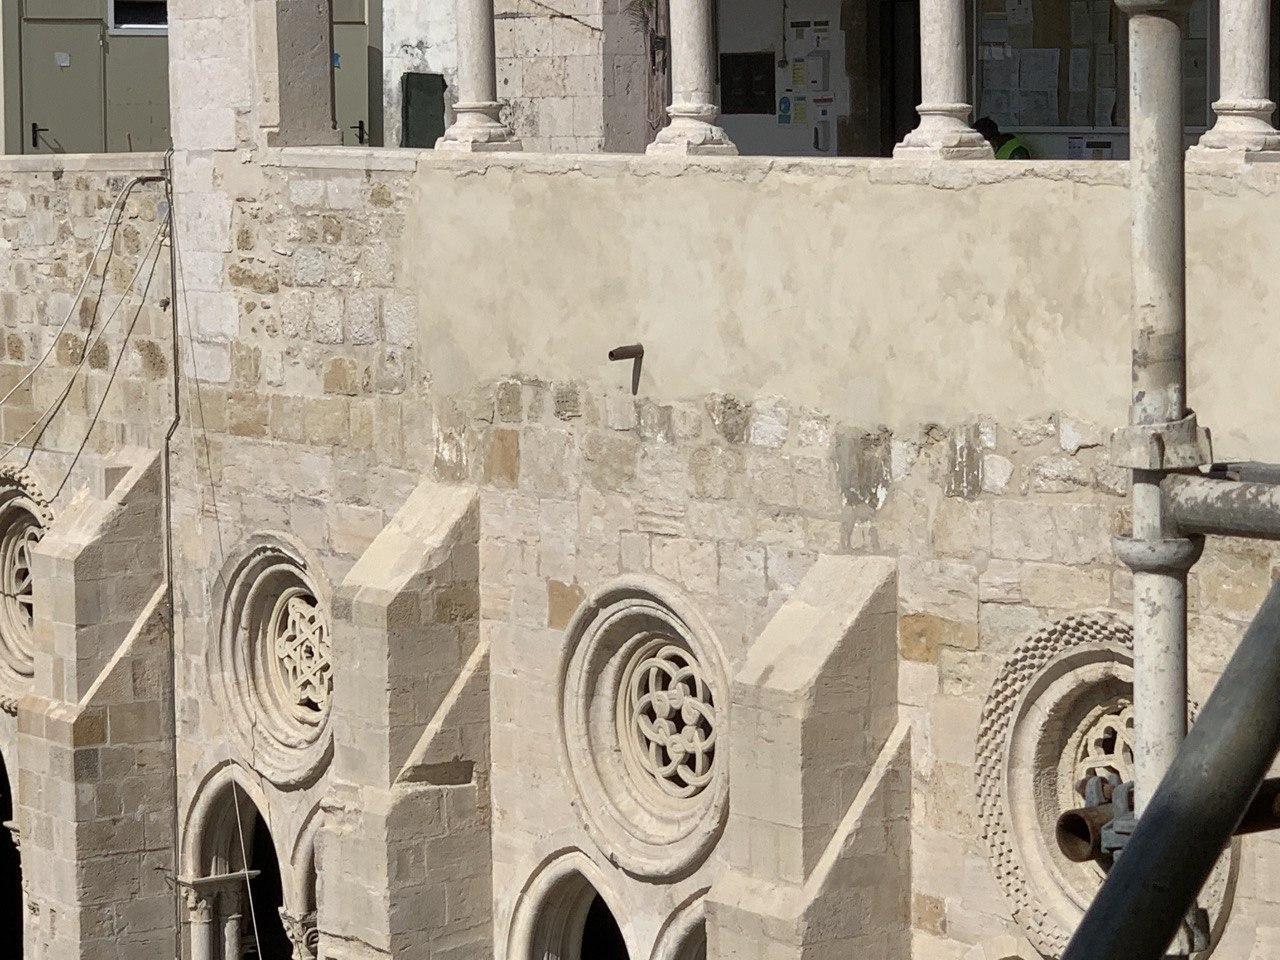 Local da goteira alterada para cima da rosácea, em vez da coluna de suporte do claustro.